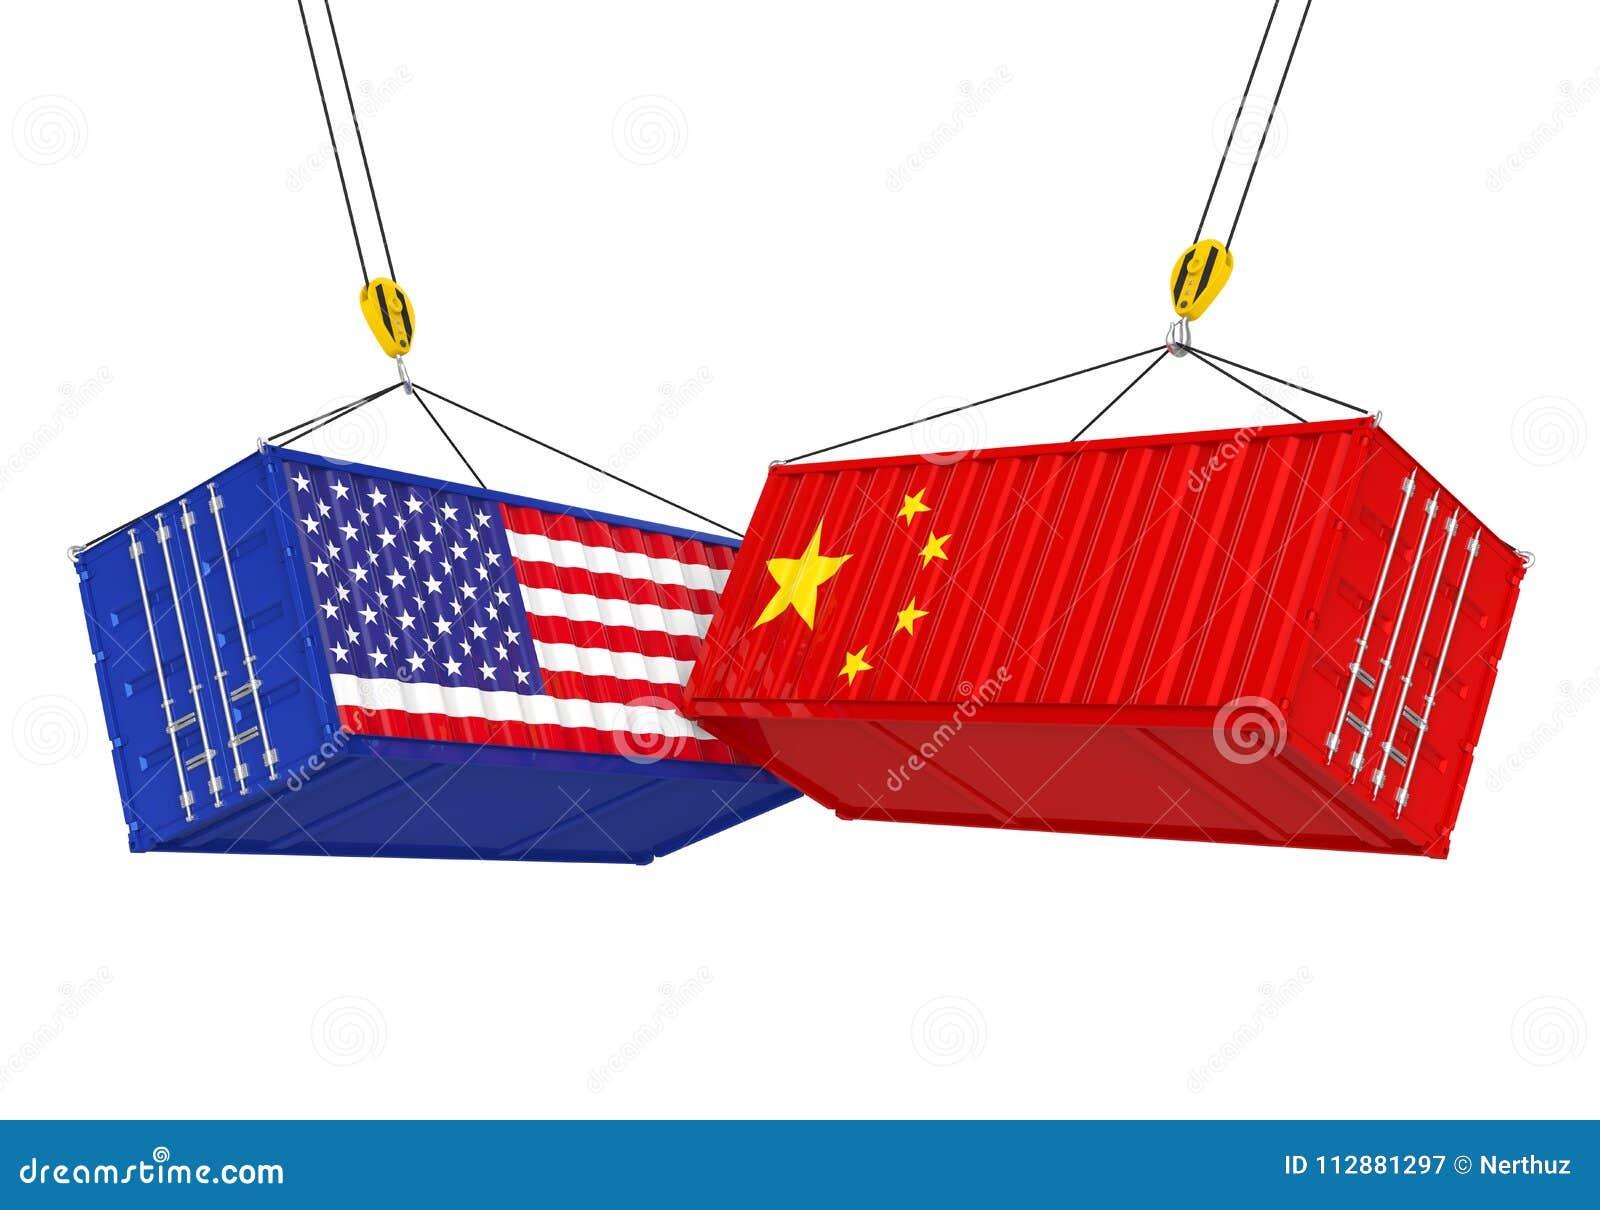 Изолированный грузовой контейнер Соединенных Штатов и Китая Концепция торговой войны